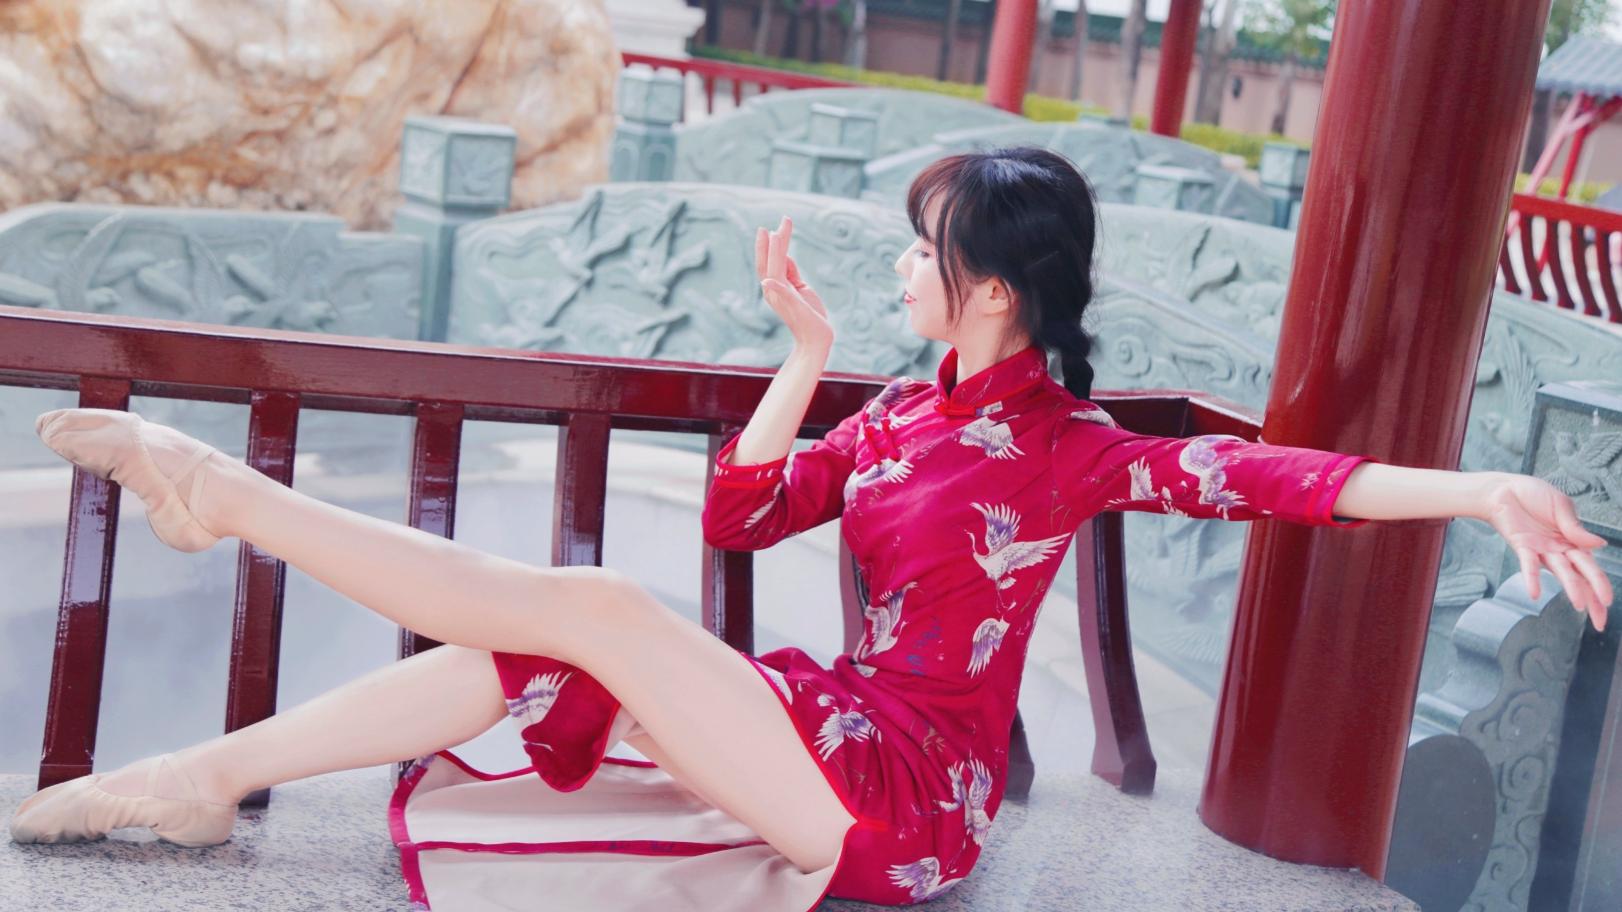 【铃舟】一生独一 原创编舞(生日作) 一身惊艳中国红,一点一滴一情怀   武汉加油!中国必胜!